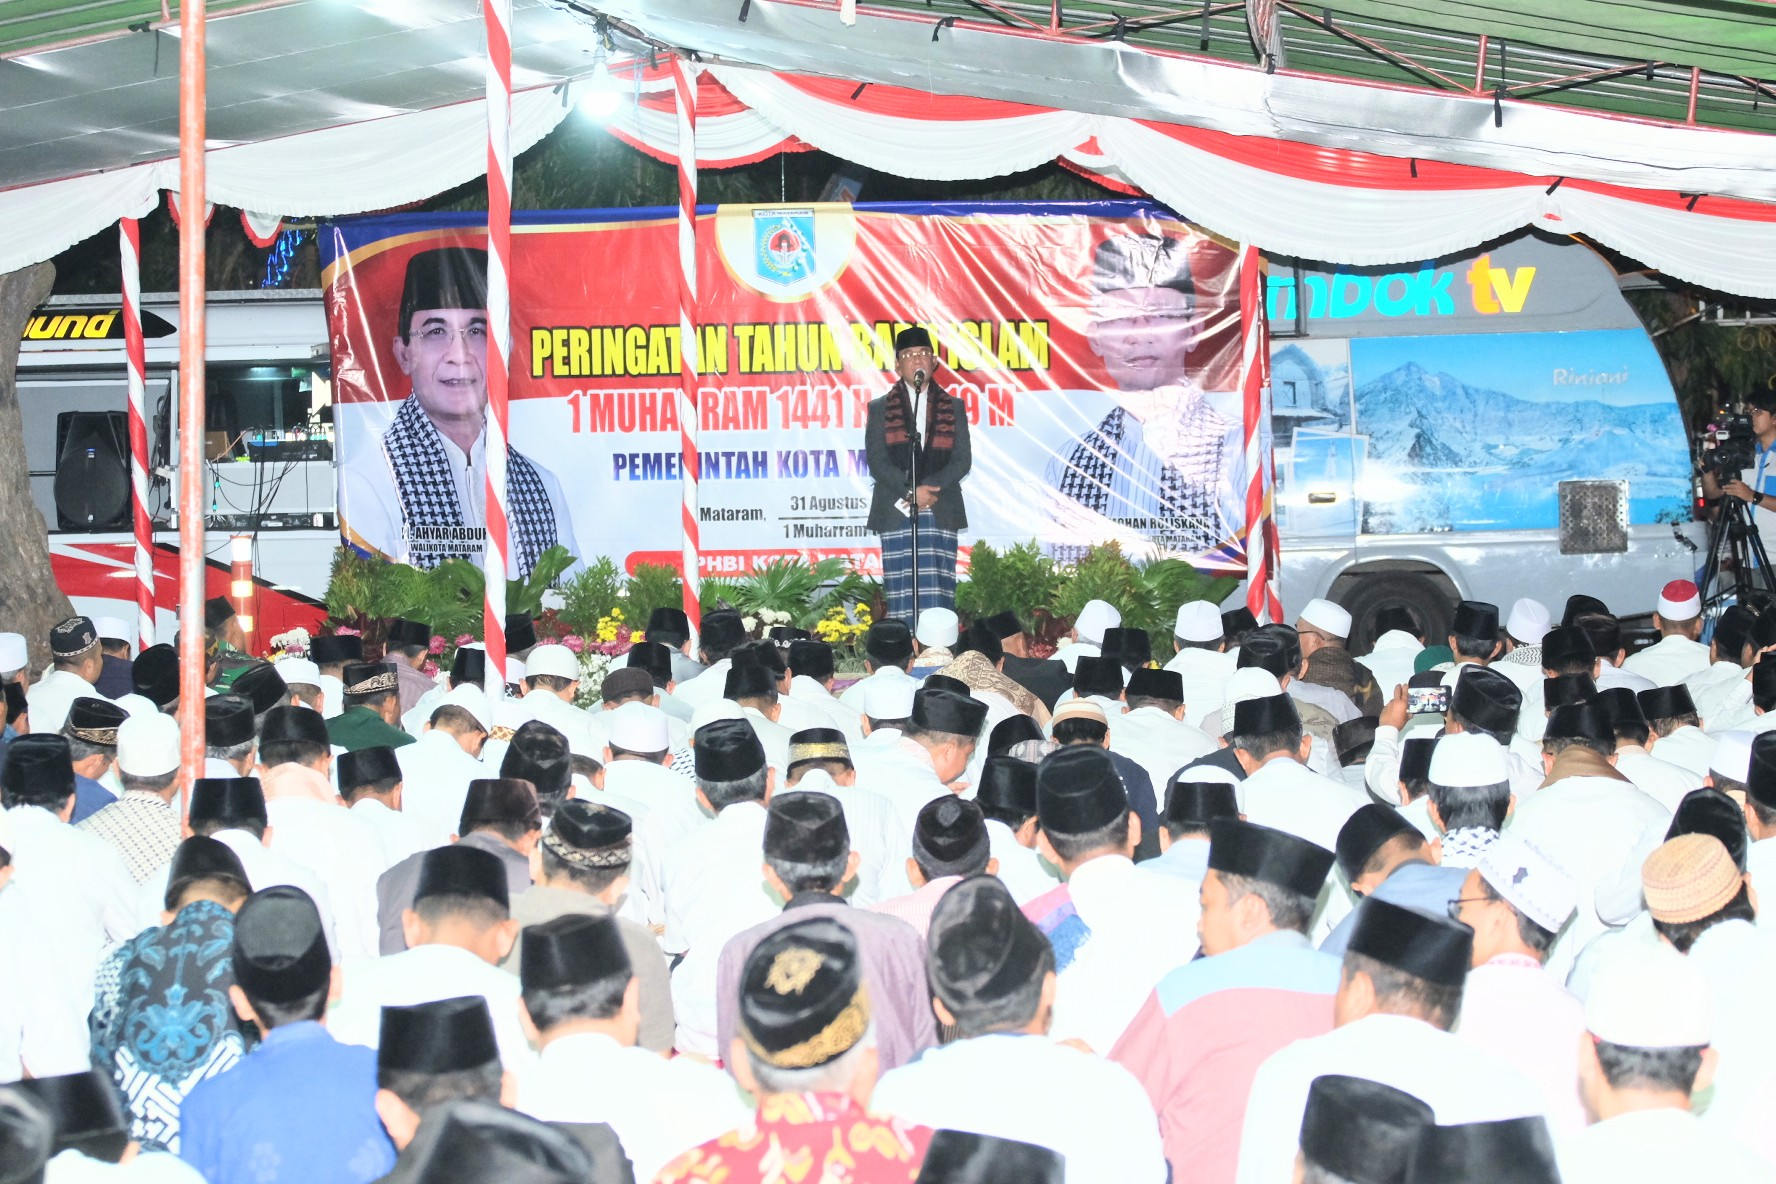 Peringatan Tahun Baru Islam 1441 Hijriyah Pemerintah Kota Mataram